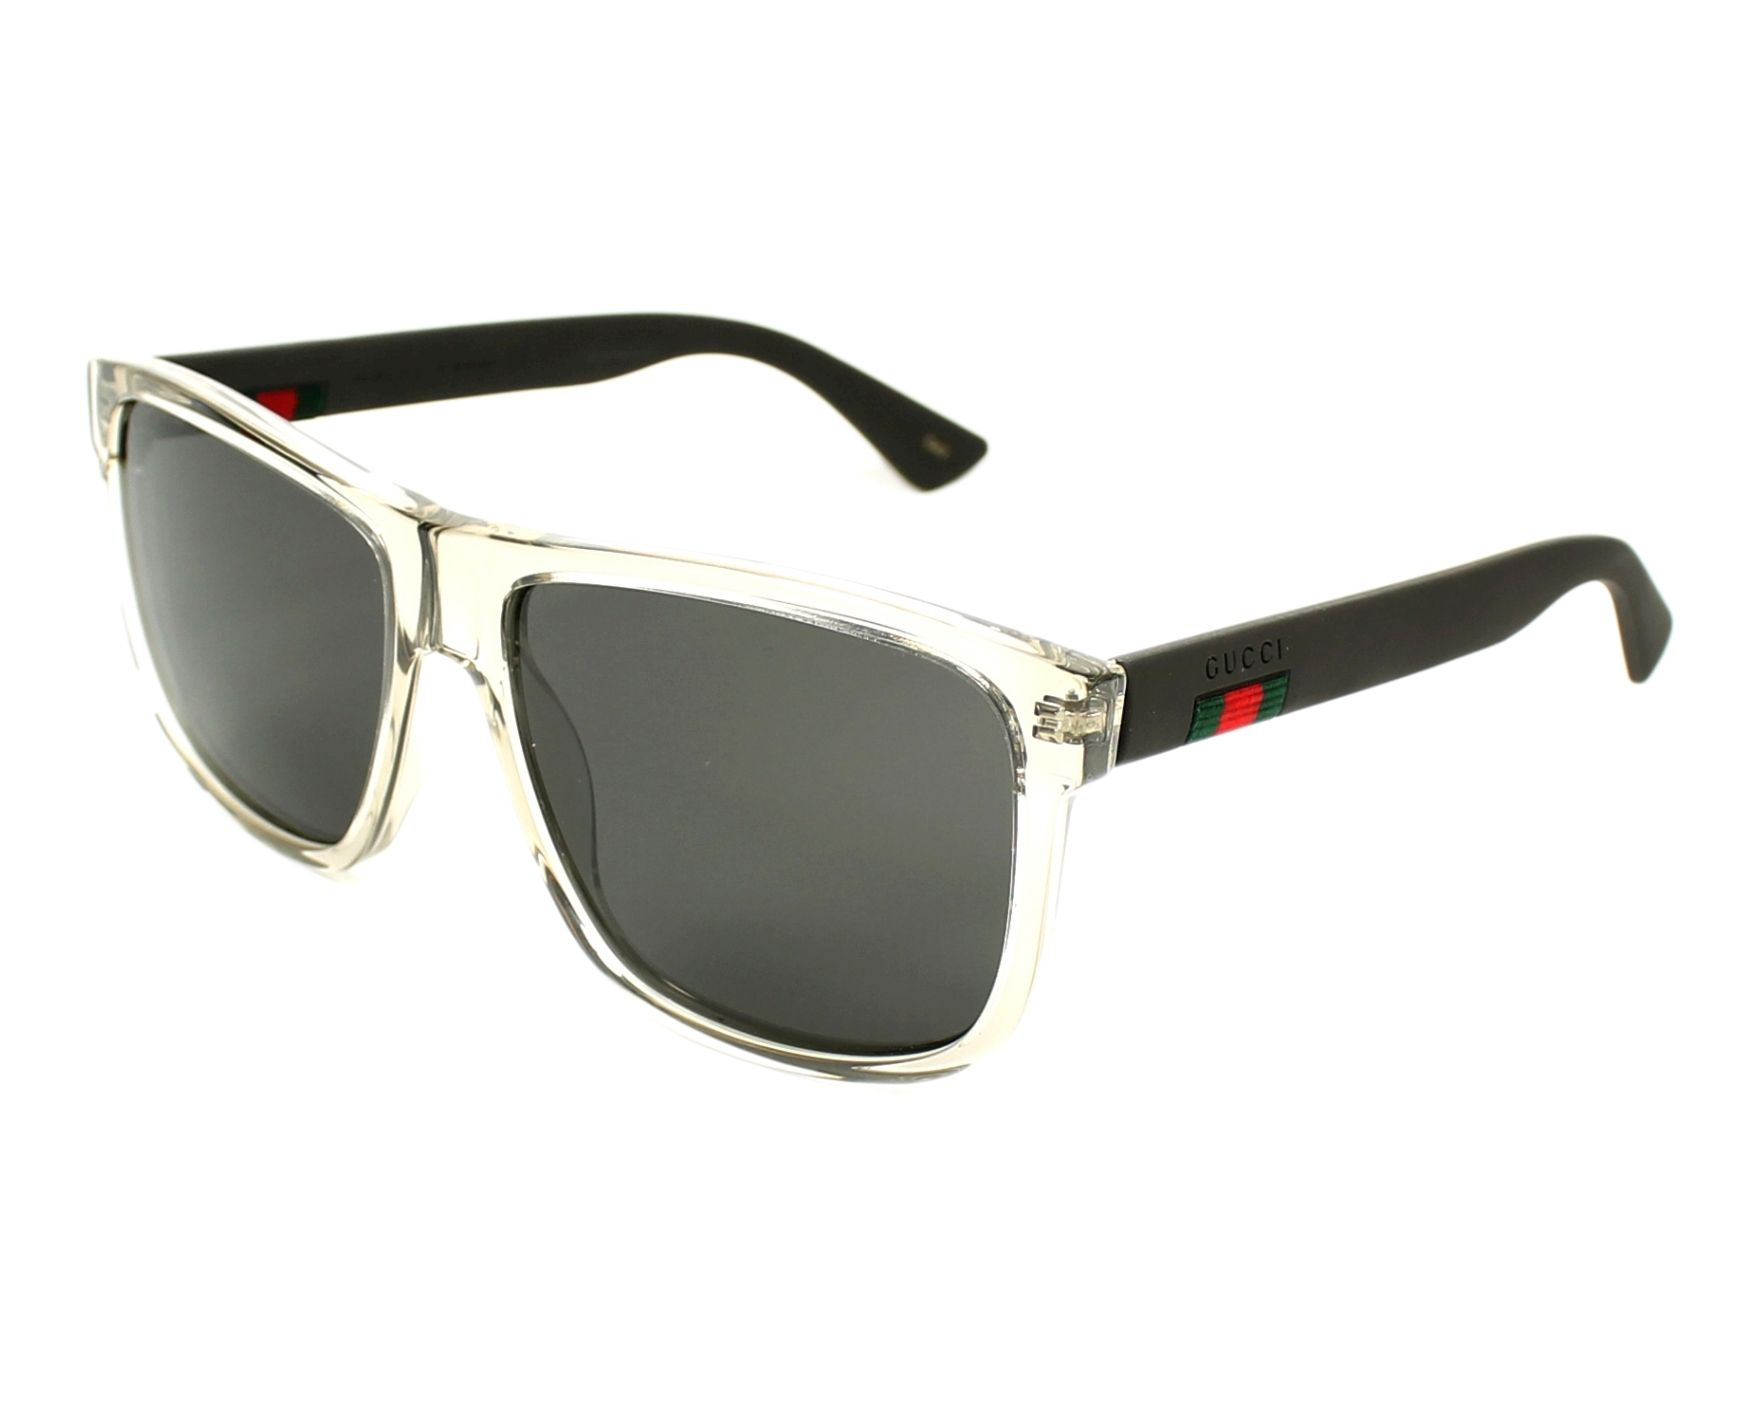 lunettes de soleil de gucci en gg 0010 s 005